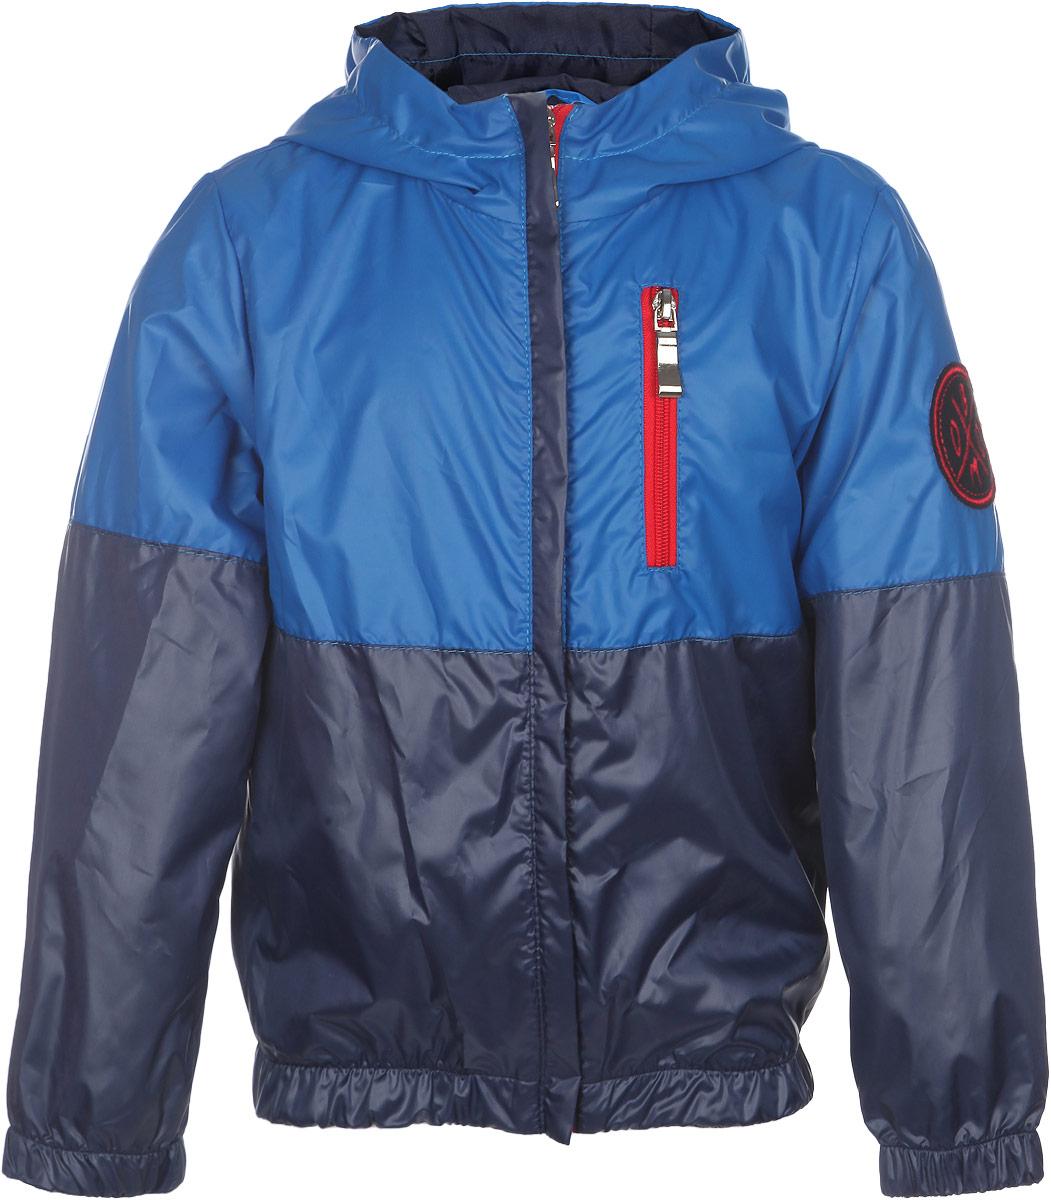 Куртка63640DM_BOB вар.1Модная куртка для мальчика Boom! станет стильным дополнением к детскому гардеробу в прохладную погоду. Модель изготовлена из водонепроницаемой и ветрозащитной ткани, на комбинированной подкладке из полиэстера с добавлением вискозы. Куртка мягкая и приятная на ощупь, не сковывает движения, легко стирается и быстро сушится. Куртка с капюшоном застегивается на пластиковую молнию с защитой подбородка. Капюшон не отстегивается. На груди расположен карман на застежке-молнии. Модель украшена нашивкой на левом рукаве. Изделие дополнено светоотражающим элементом для безопасности ребенка в темное время суток. Легкая, удобная и практичная куртка идеально подойдет для прогулок и игр на свежем воздухе!